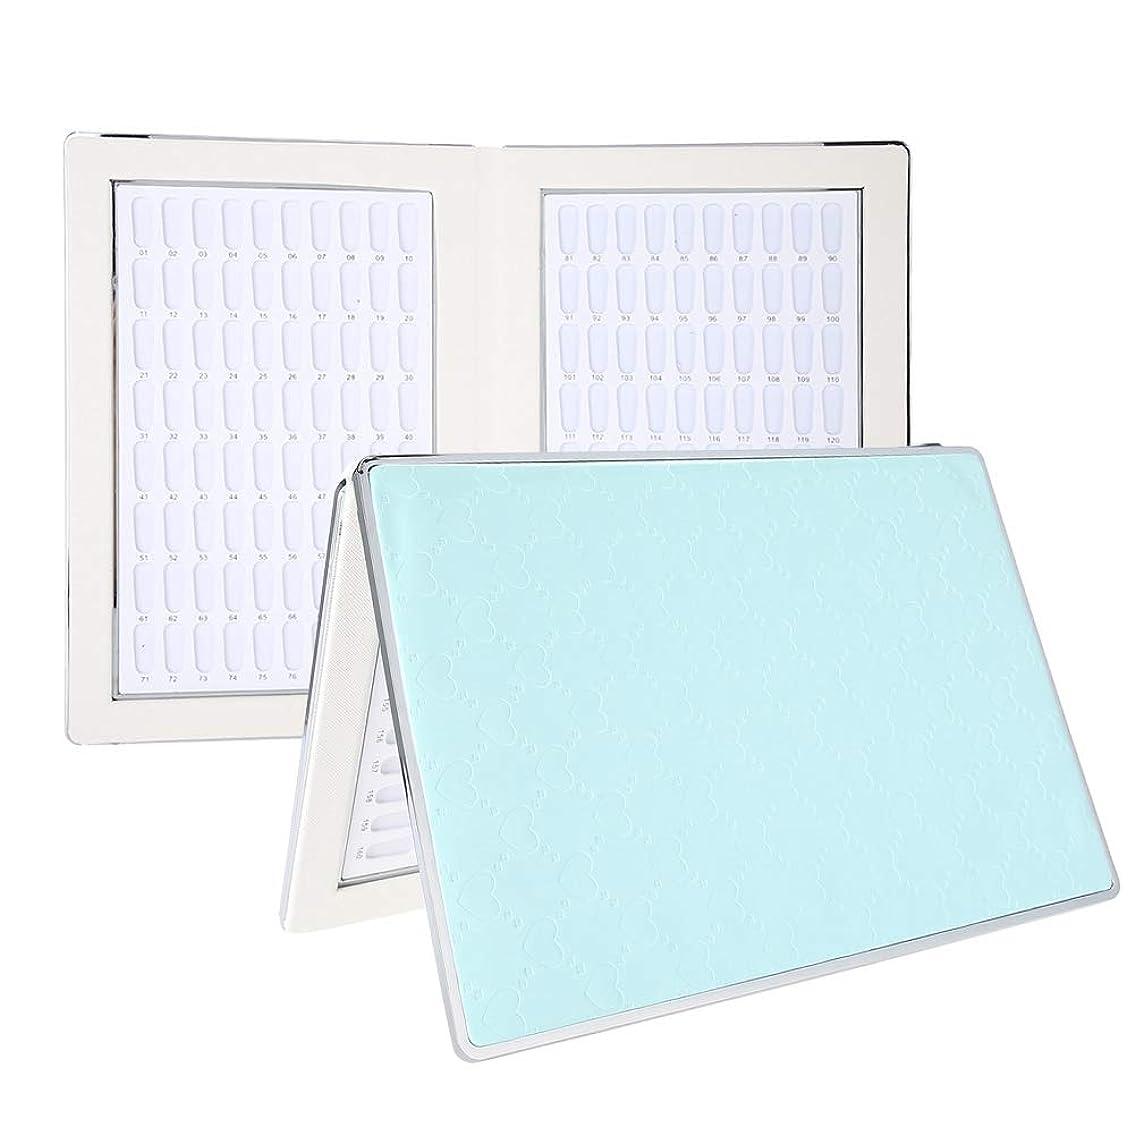 じゃない飼い慣らすオッズネイルアートディスプレイ 160 ディスプレイスタンド アクセサリー プラスチック板 ネイルポリッシュカラー ディスプレイ サロン (2)